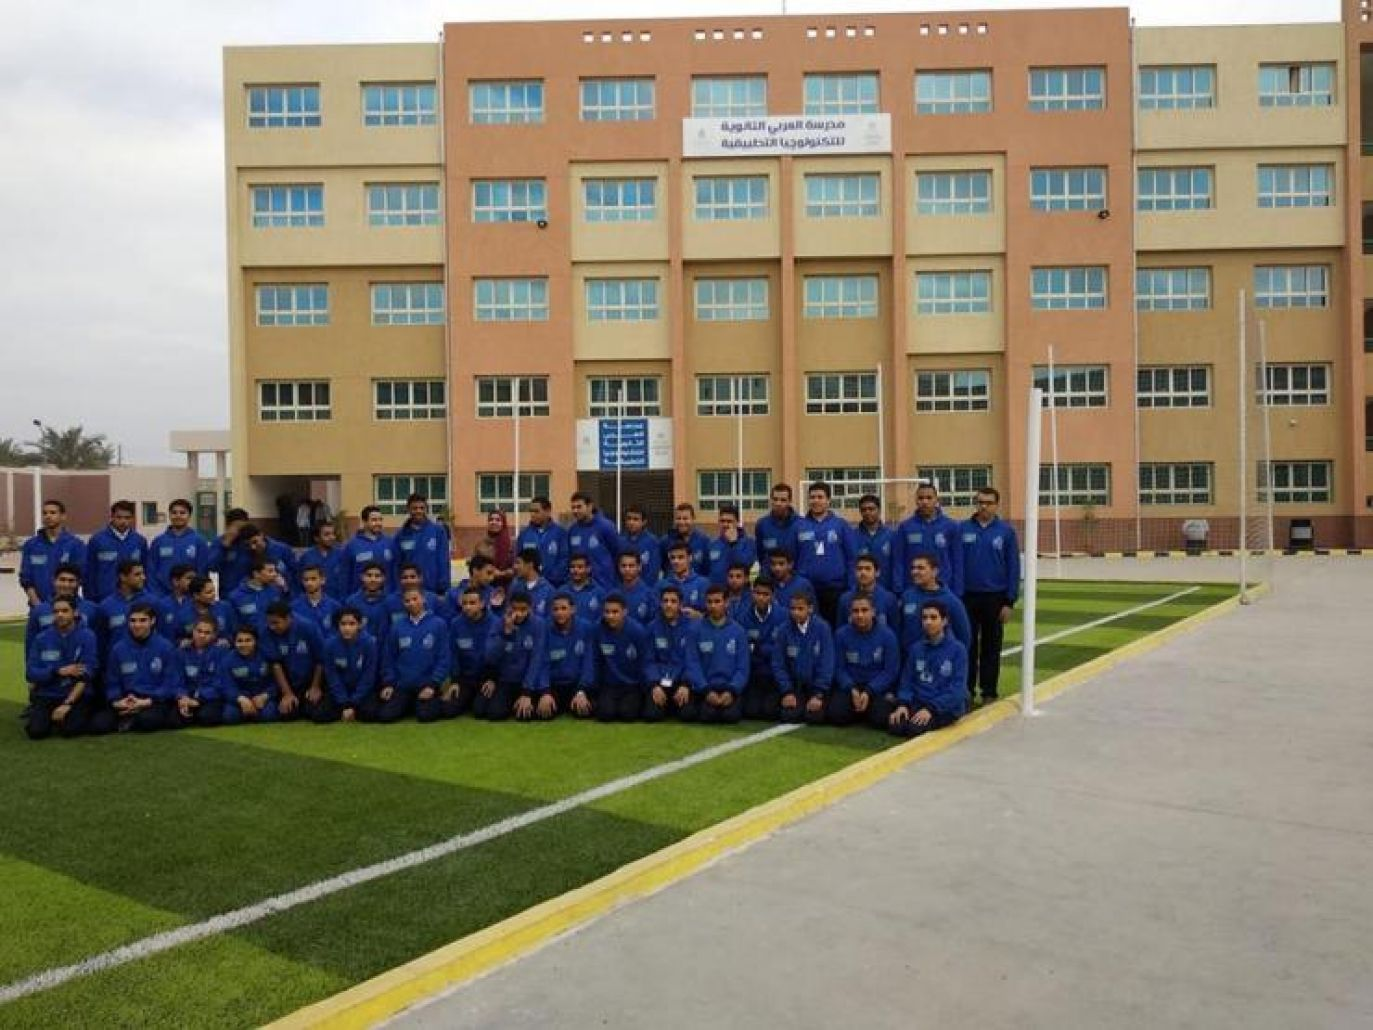 مدرسة العربي للتكنولوجيا التطبيقية أحد بدائل الثانوية العامة لطلاب الإعدادية 2021 وشروط القبول 2